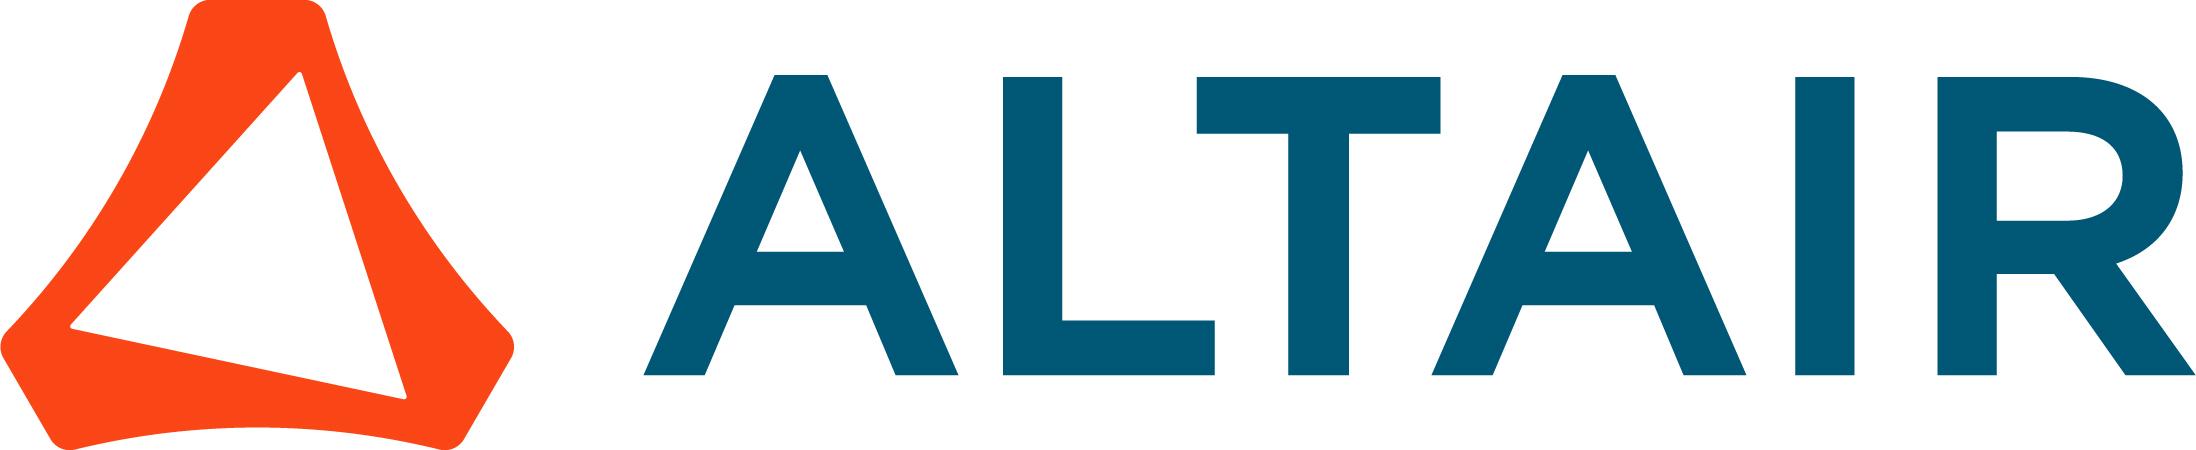 ABIMAQ - Associação Brasileira da Indústria de Máquina e Equipamentos